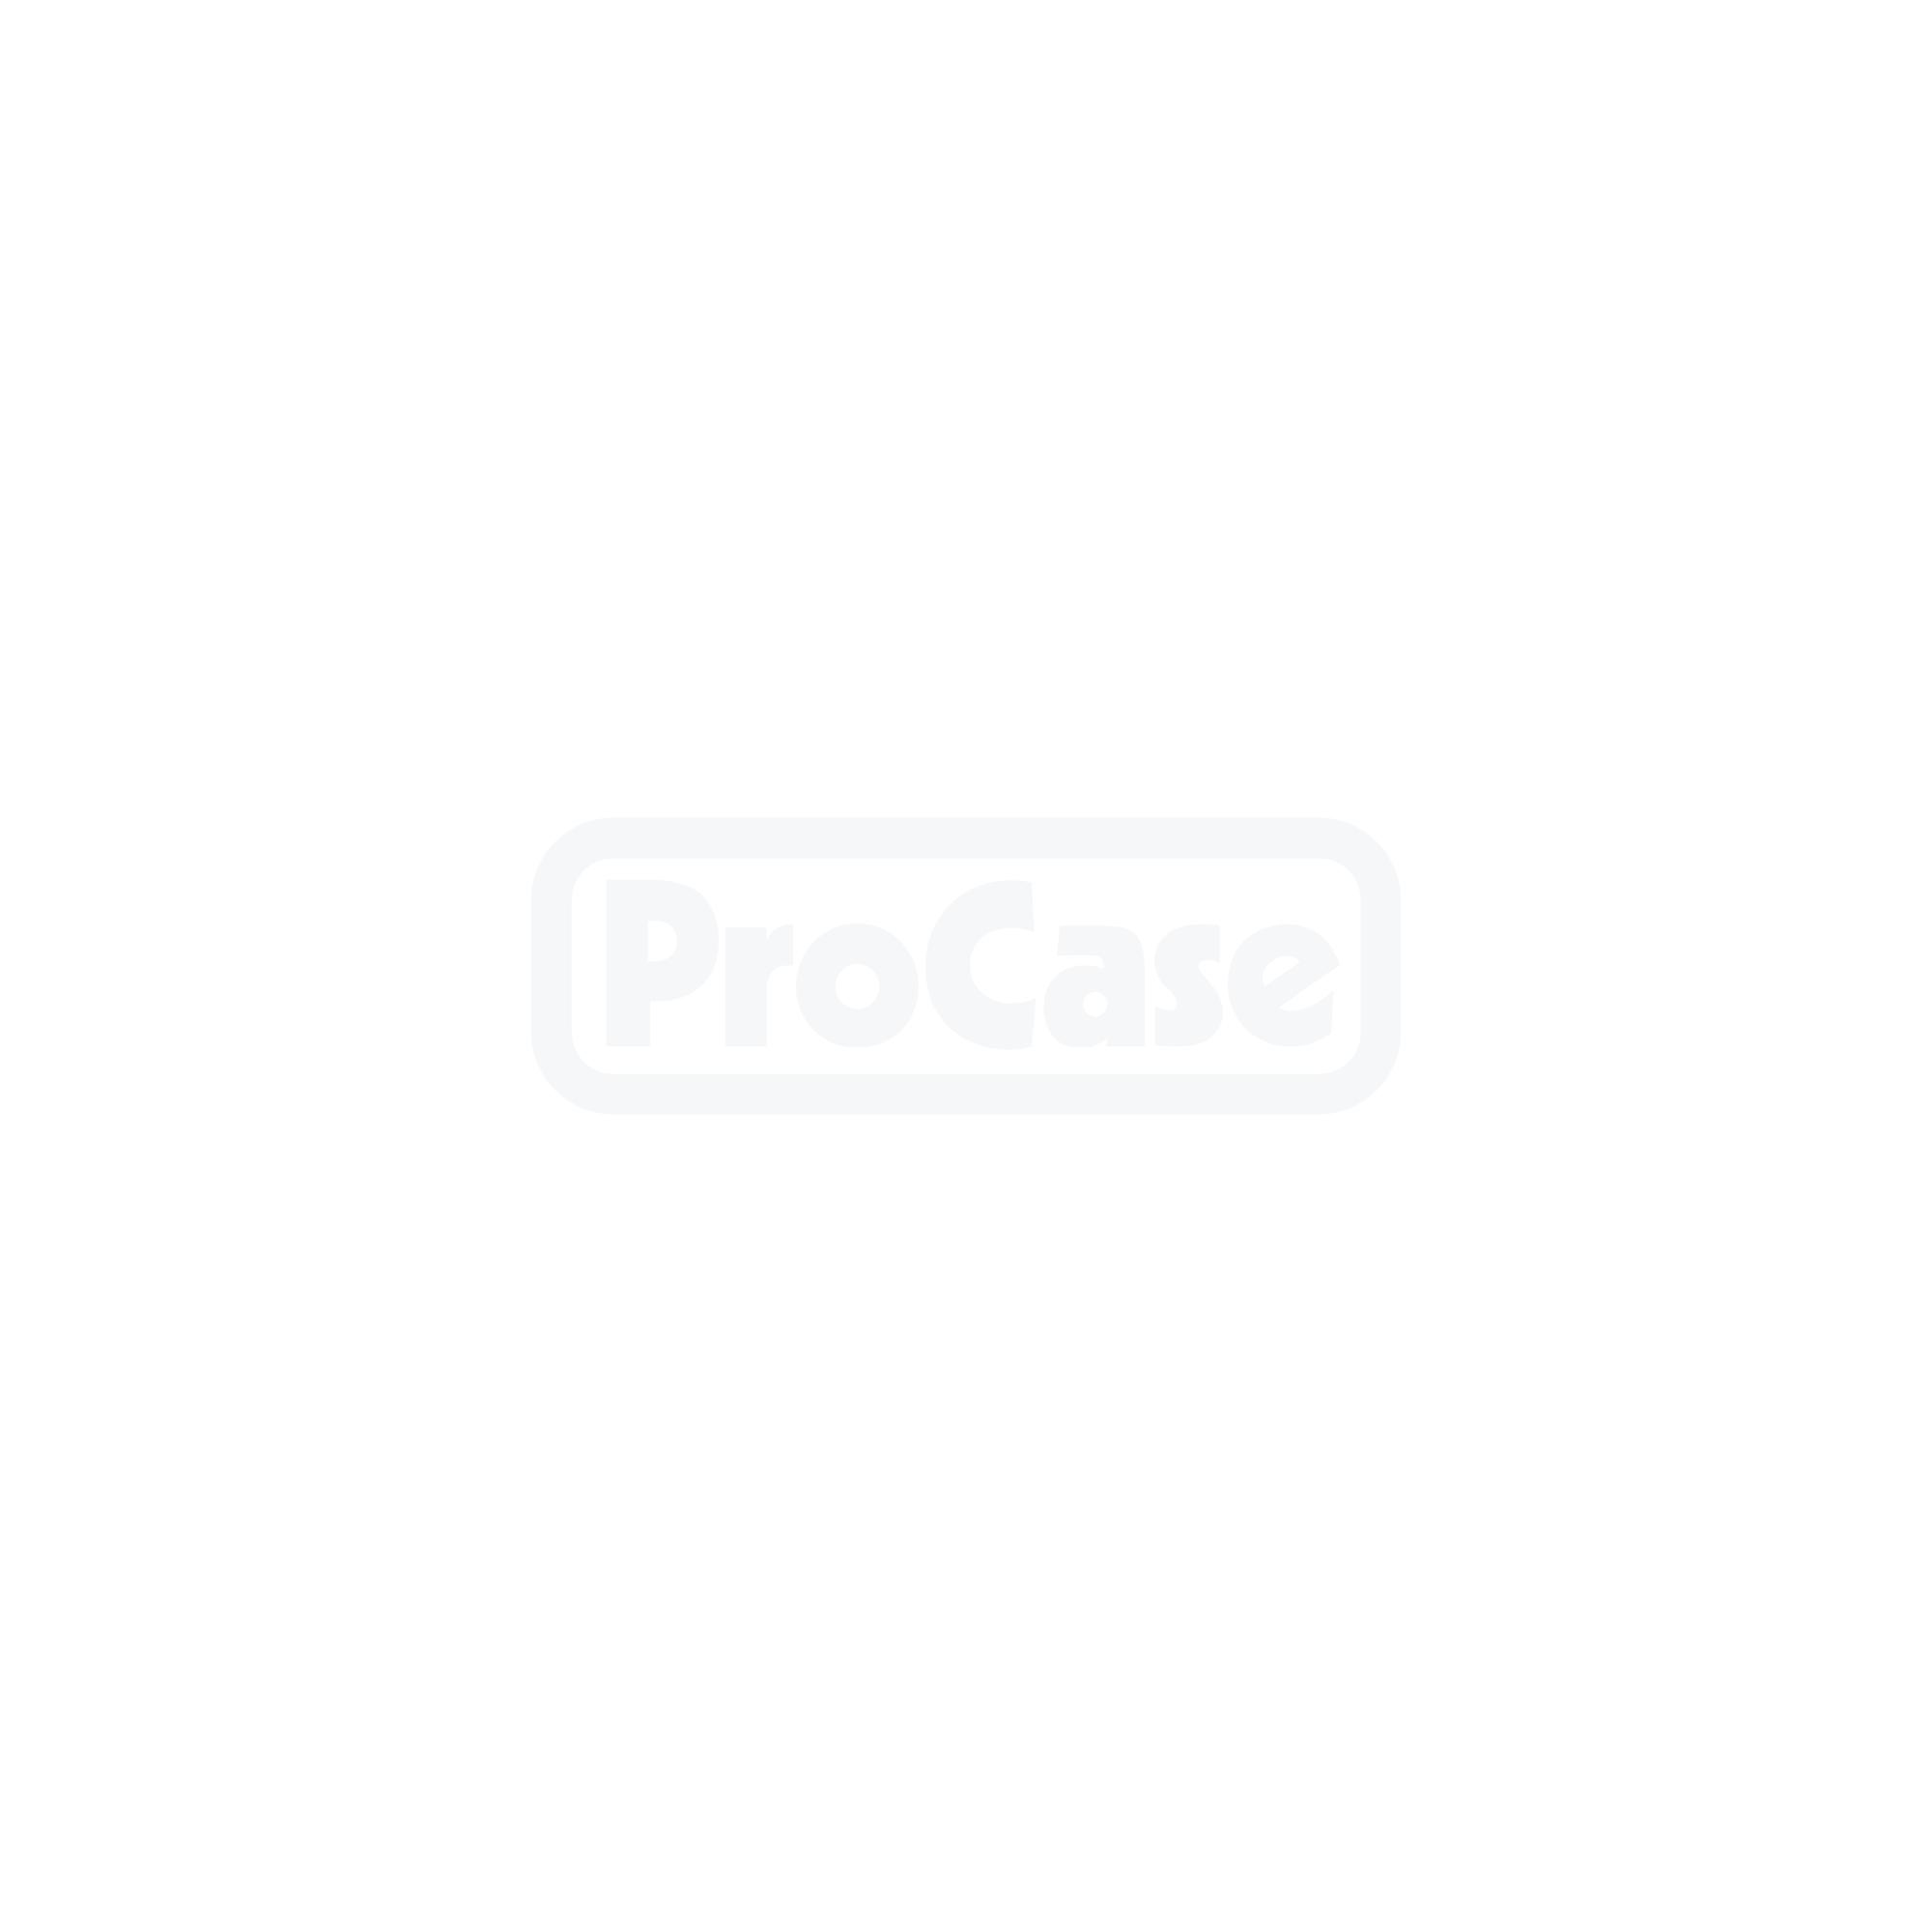 SKB 3i Koffer 2015-7 leer